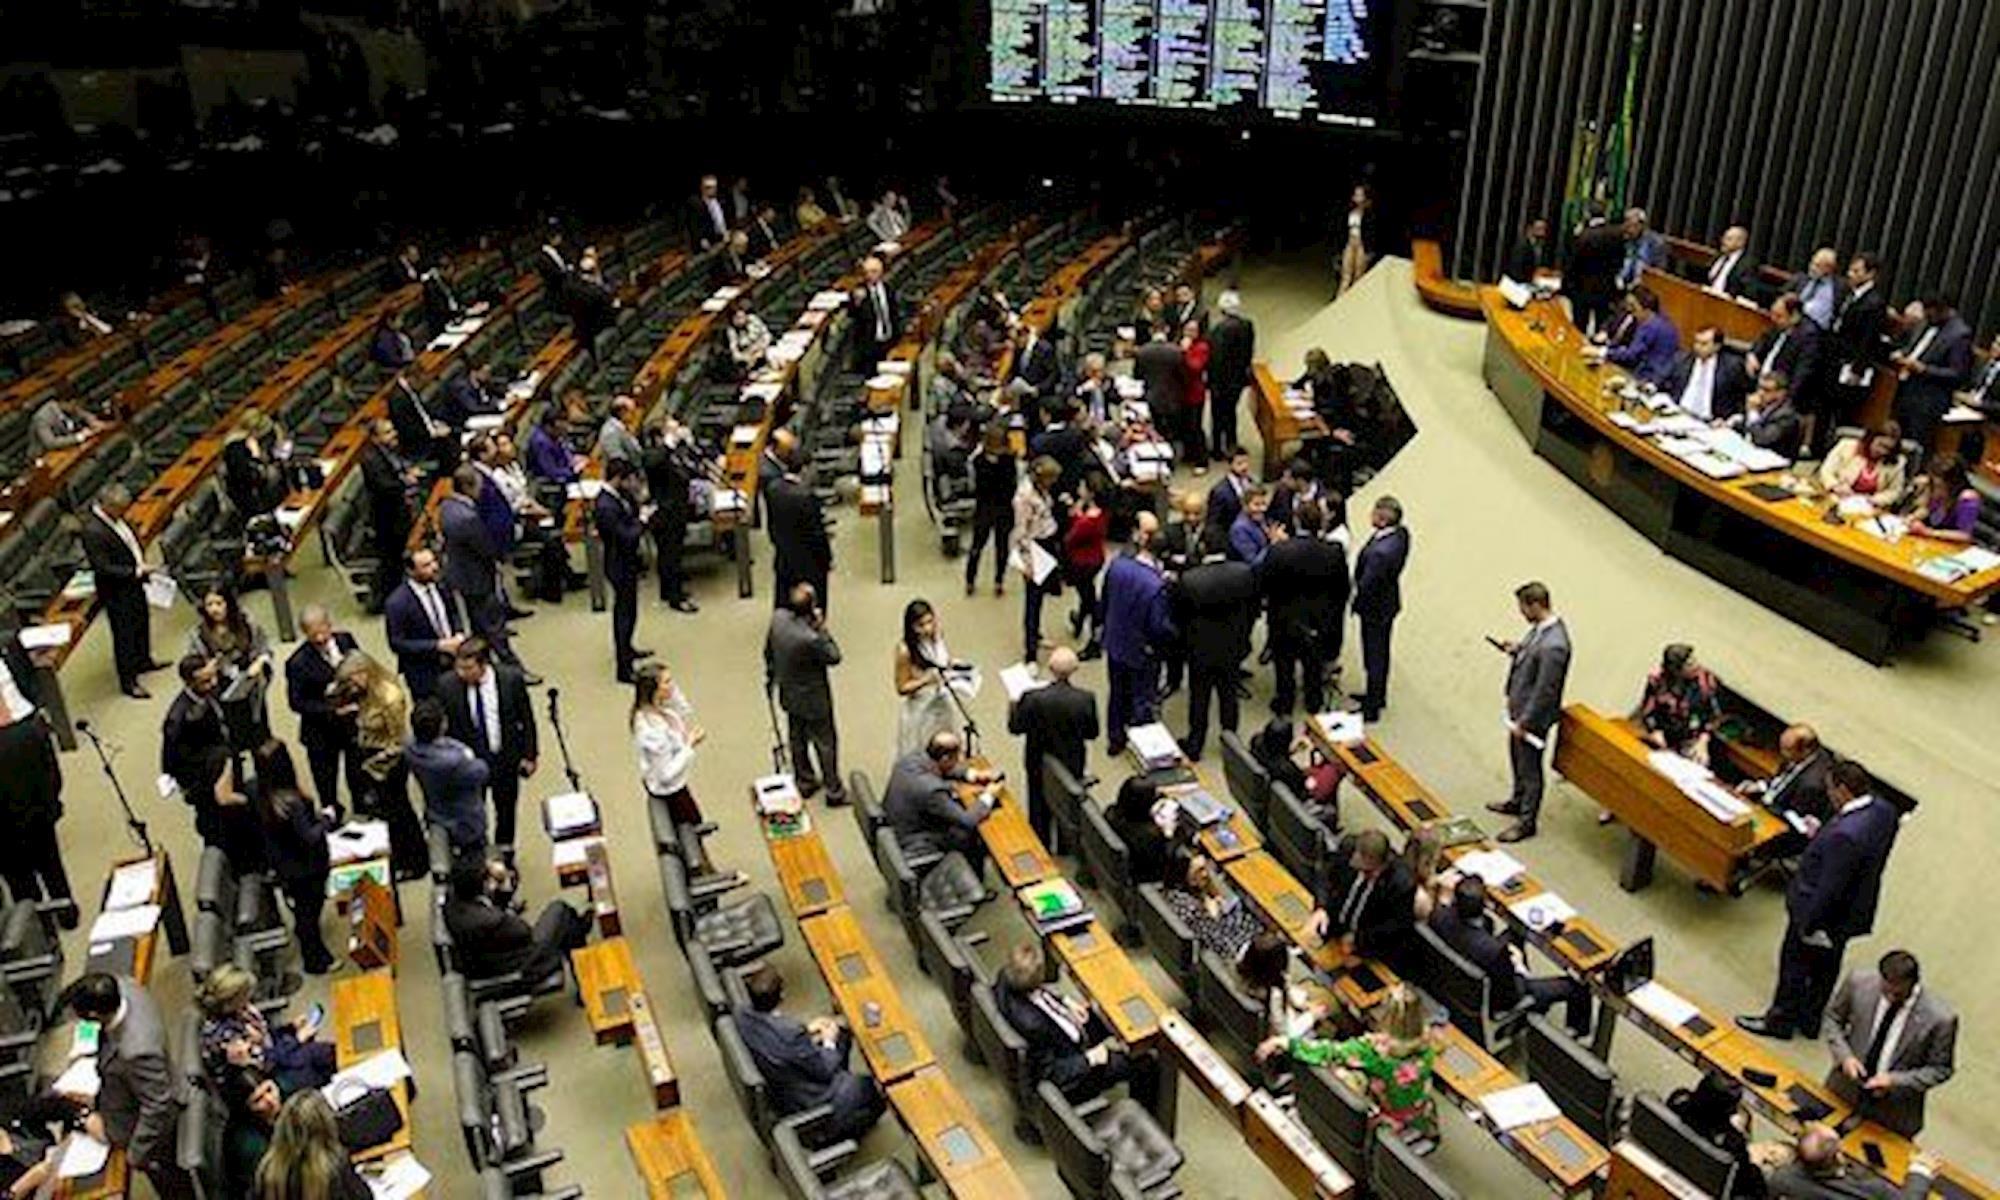 previdência, câmara, deputado, reforma,, Fabio Rodrigues Pozzobom/Agência Brasil